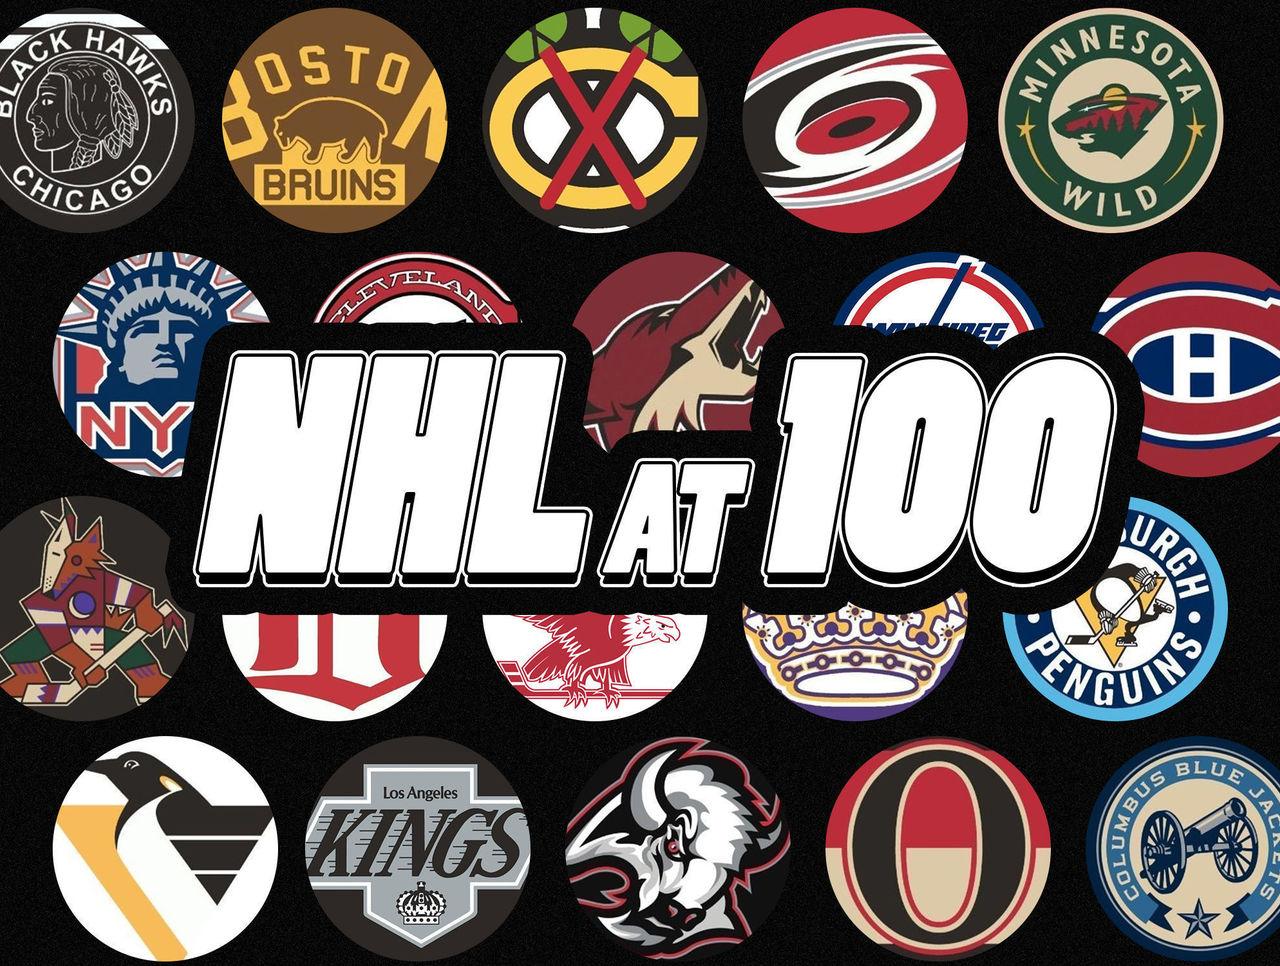 Cropped 60 41 logos